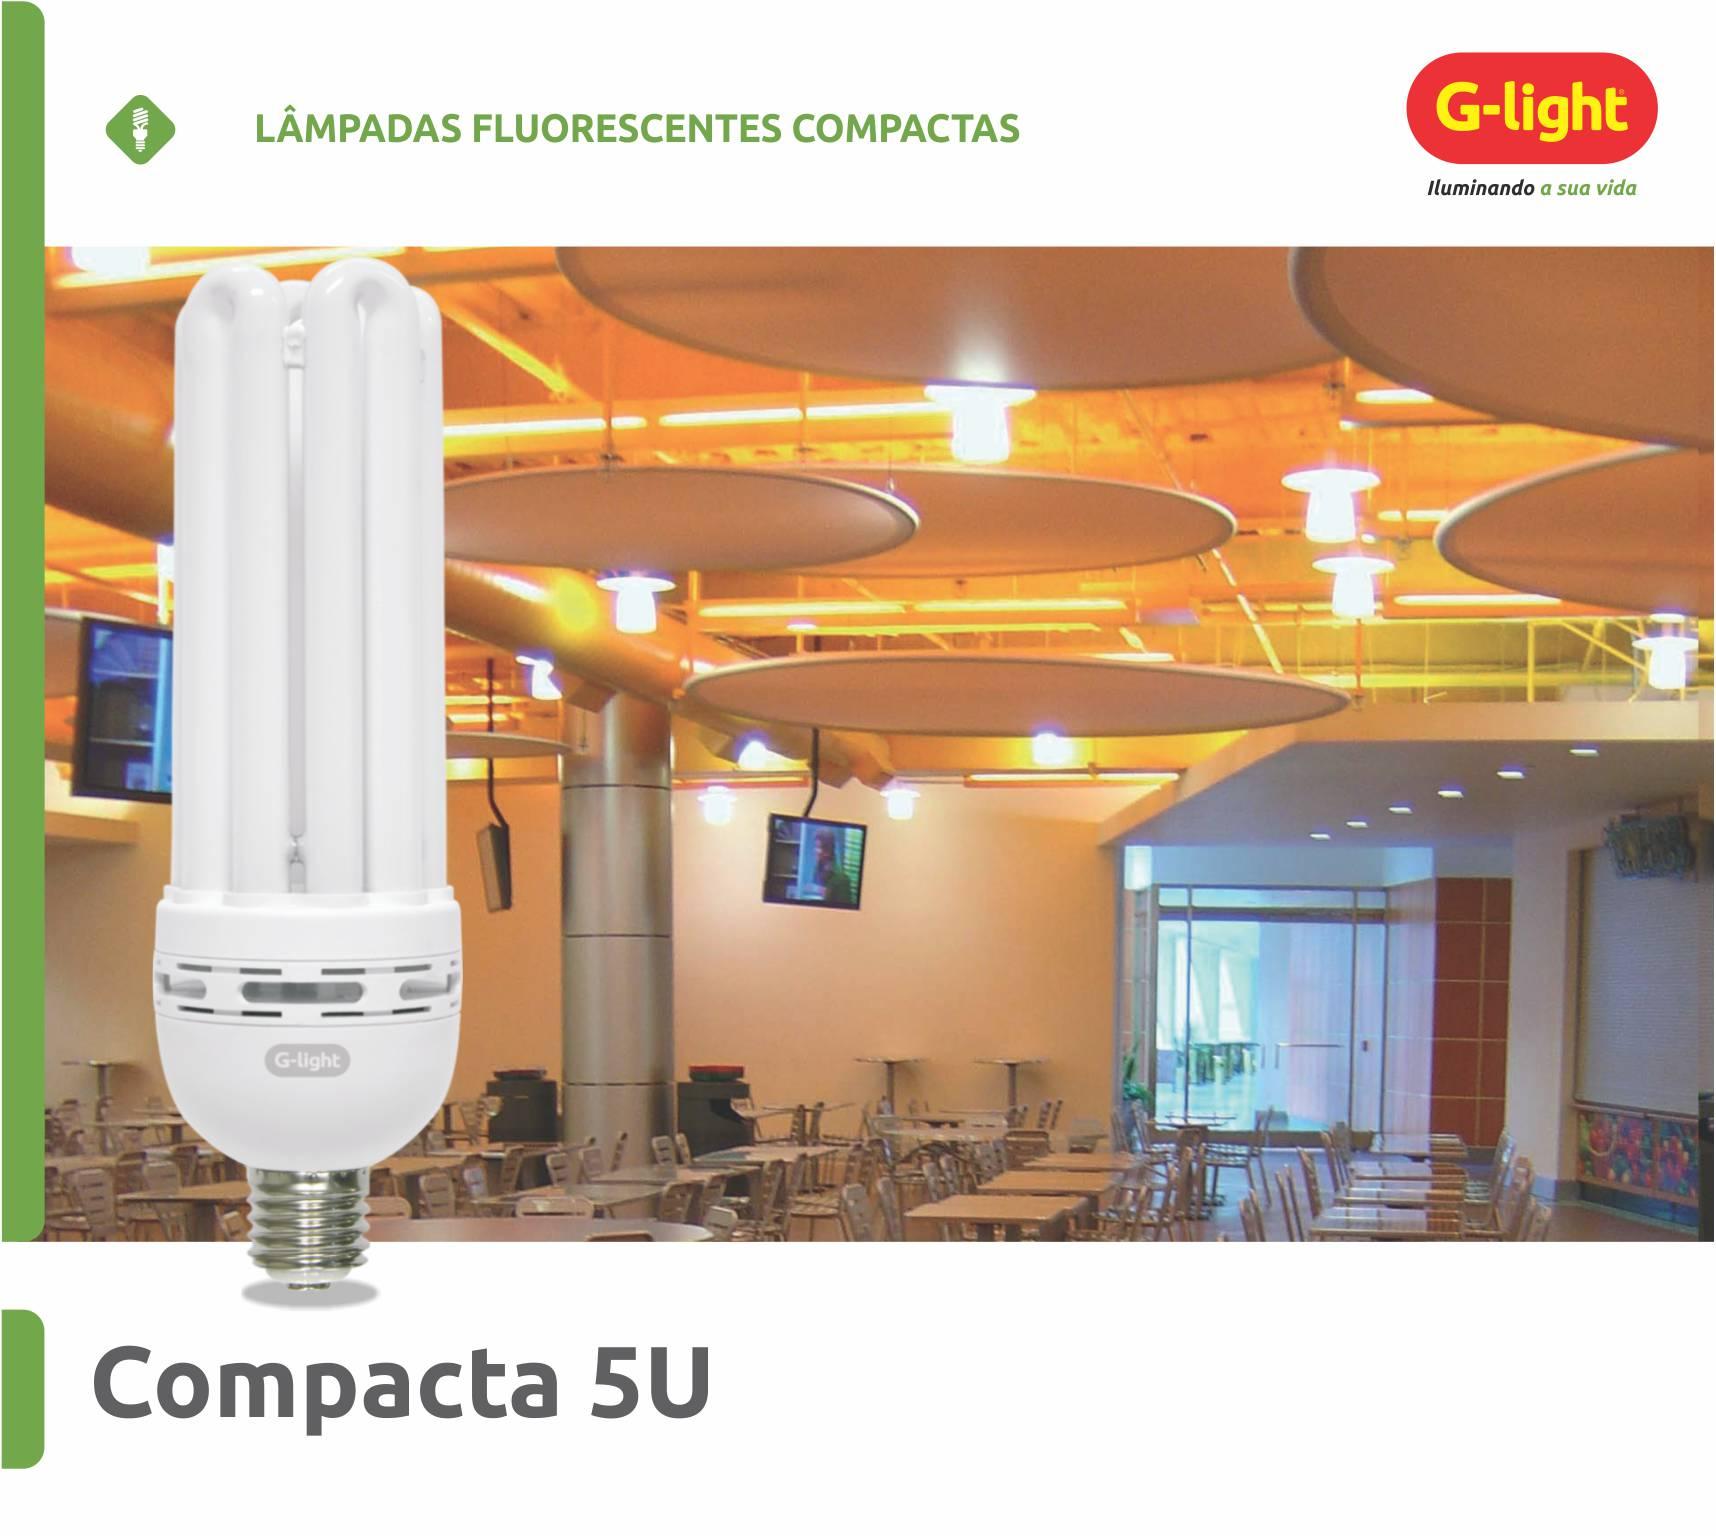 Compacta 5U